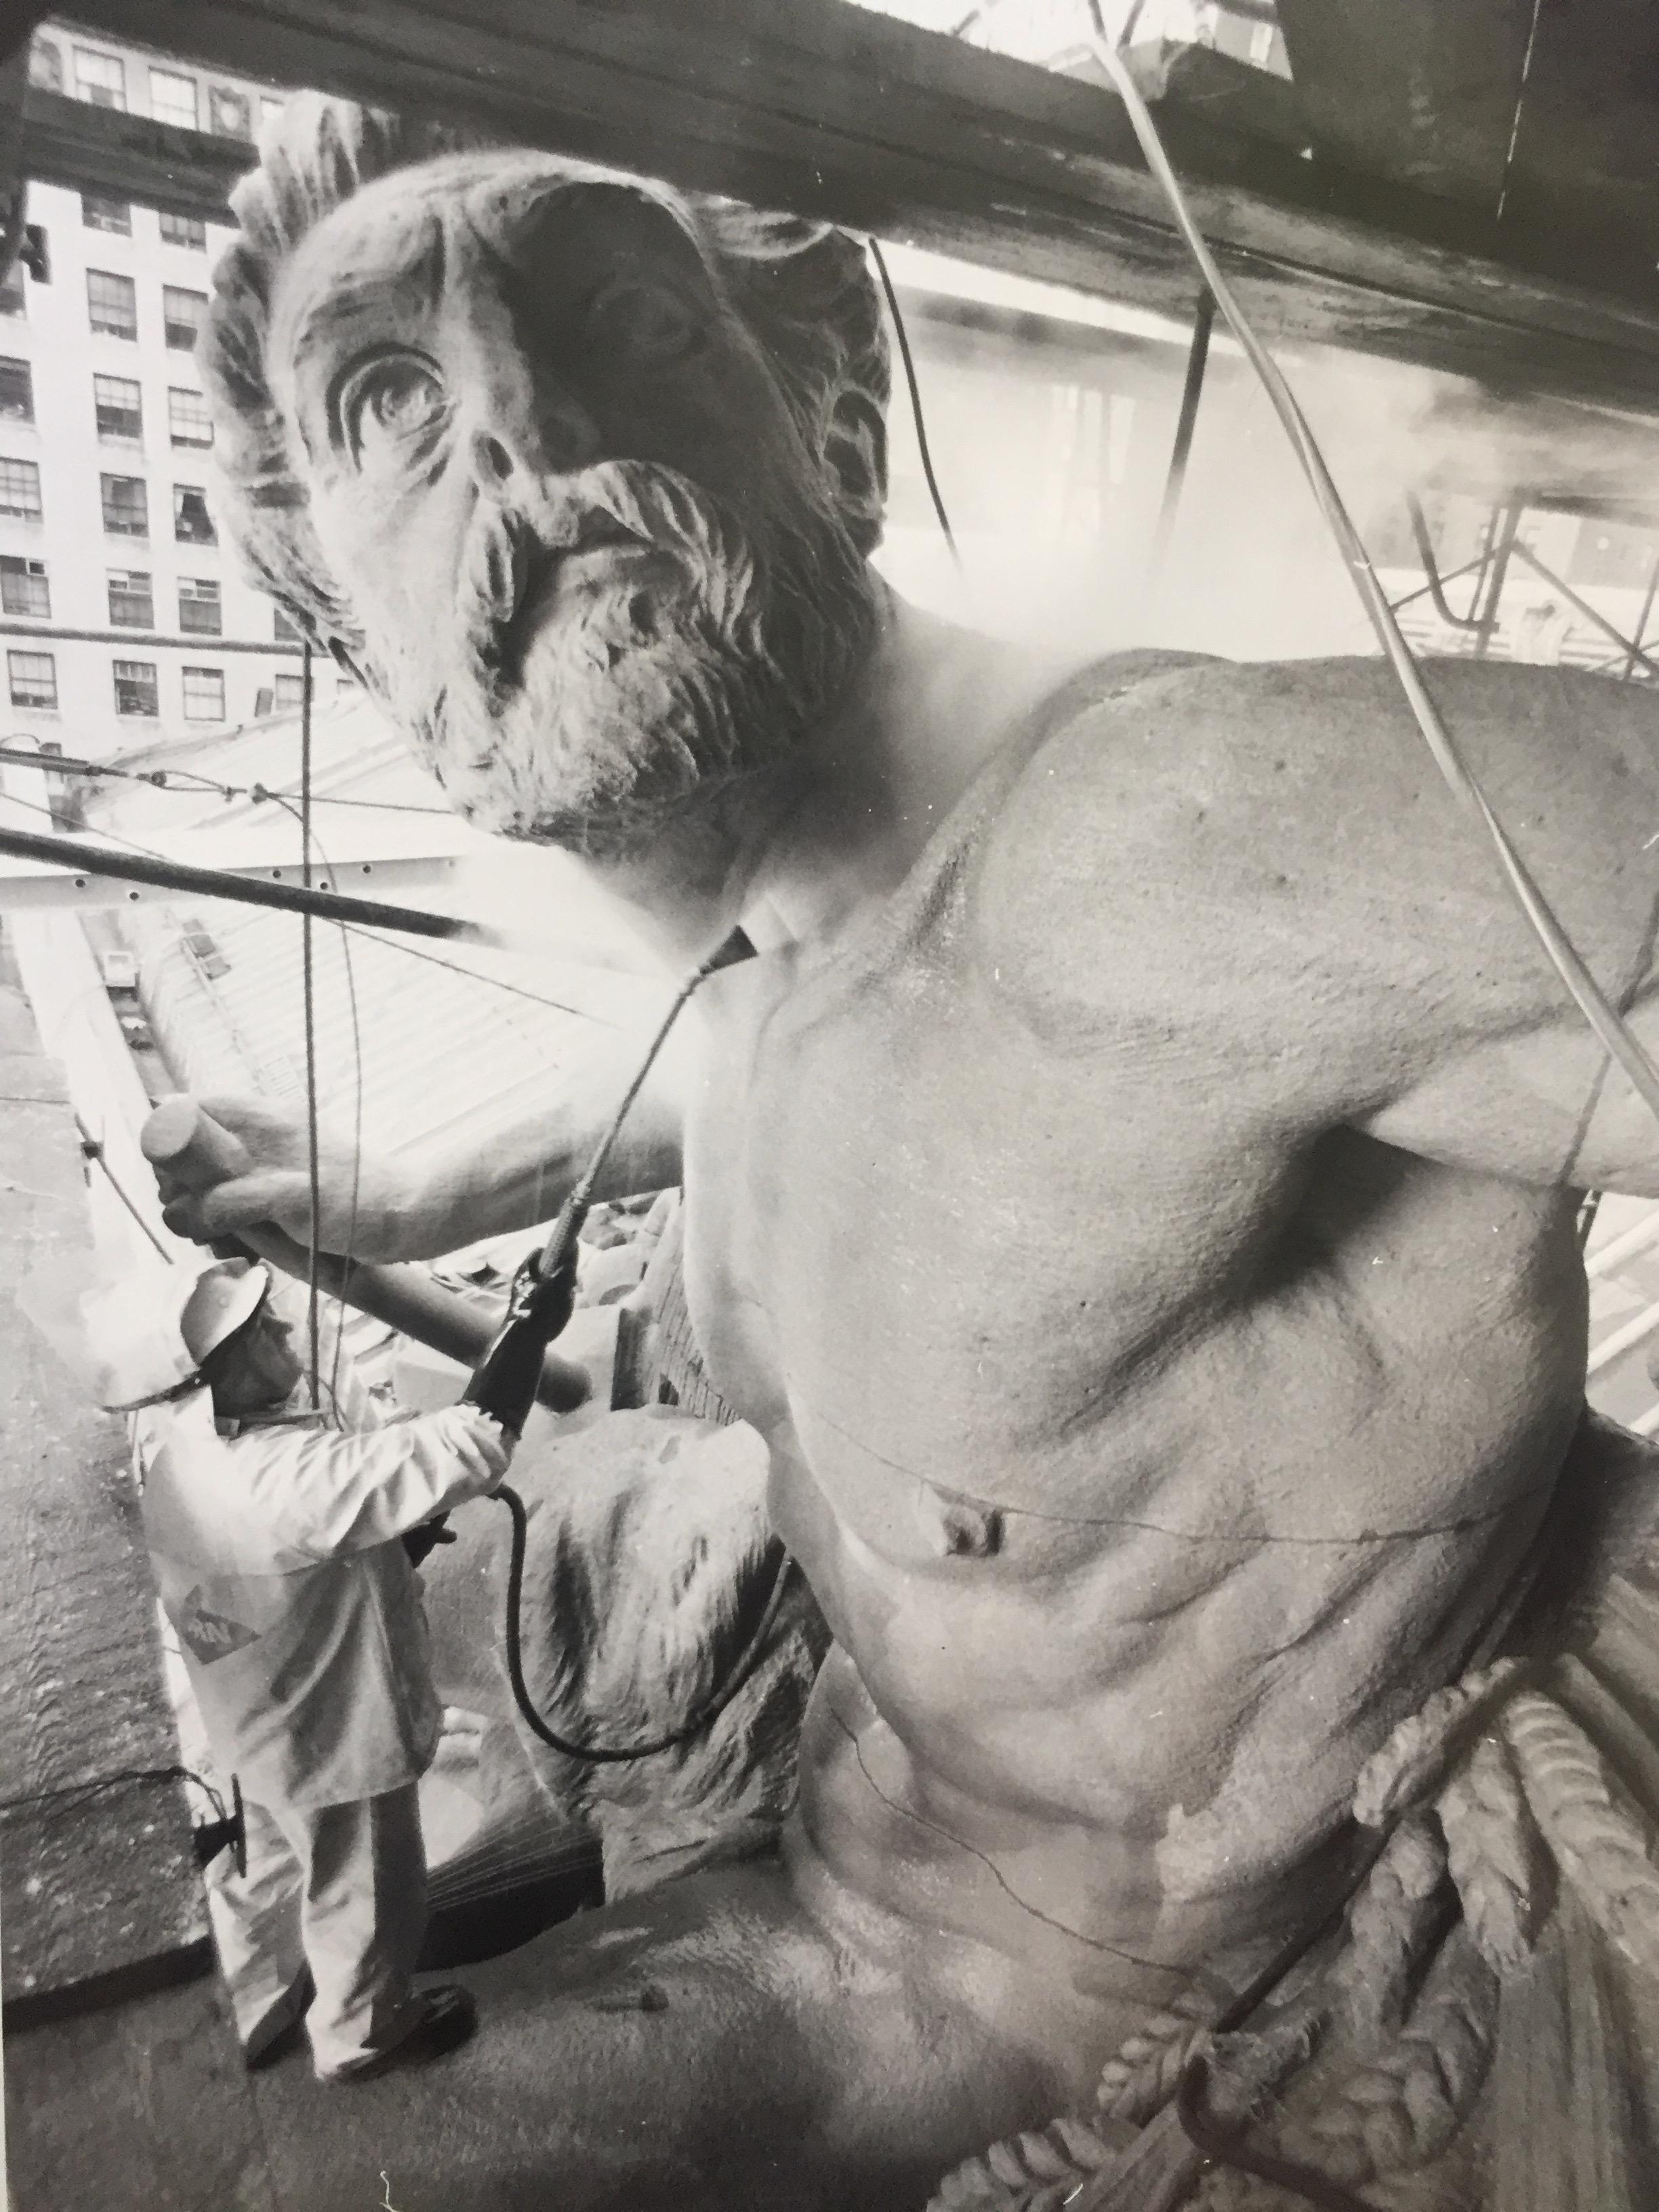 Burt Glinn/Magnum Photos